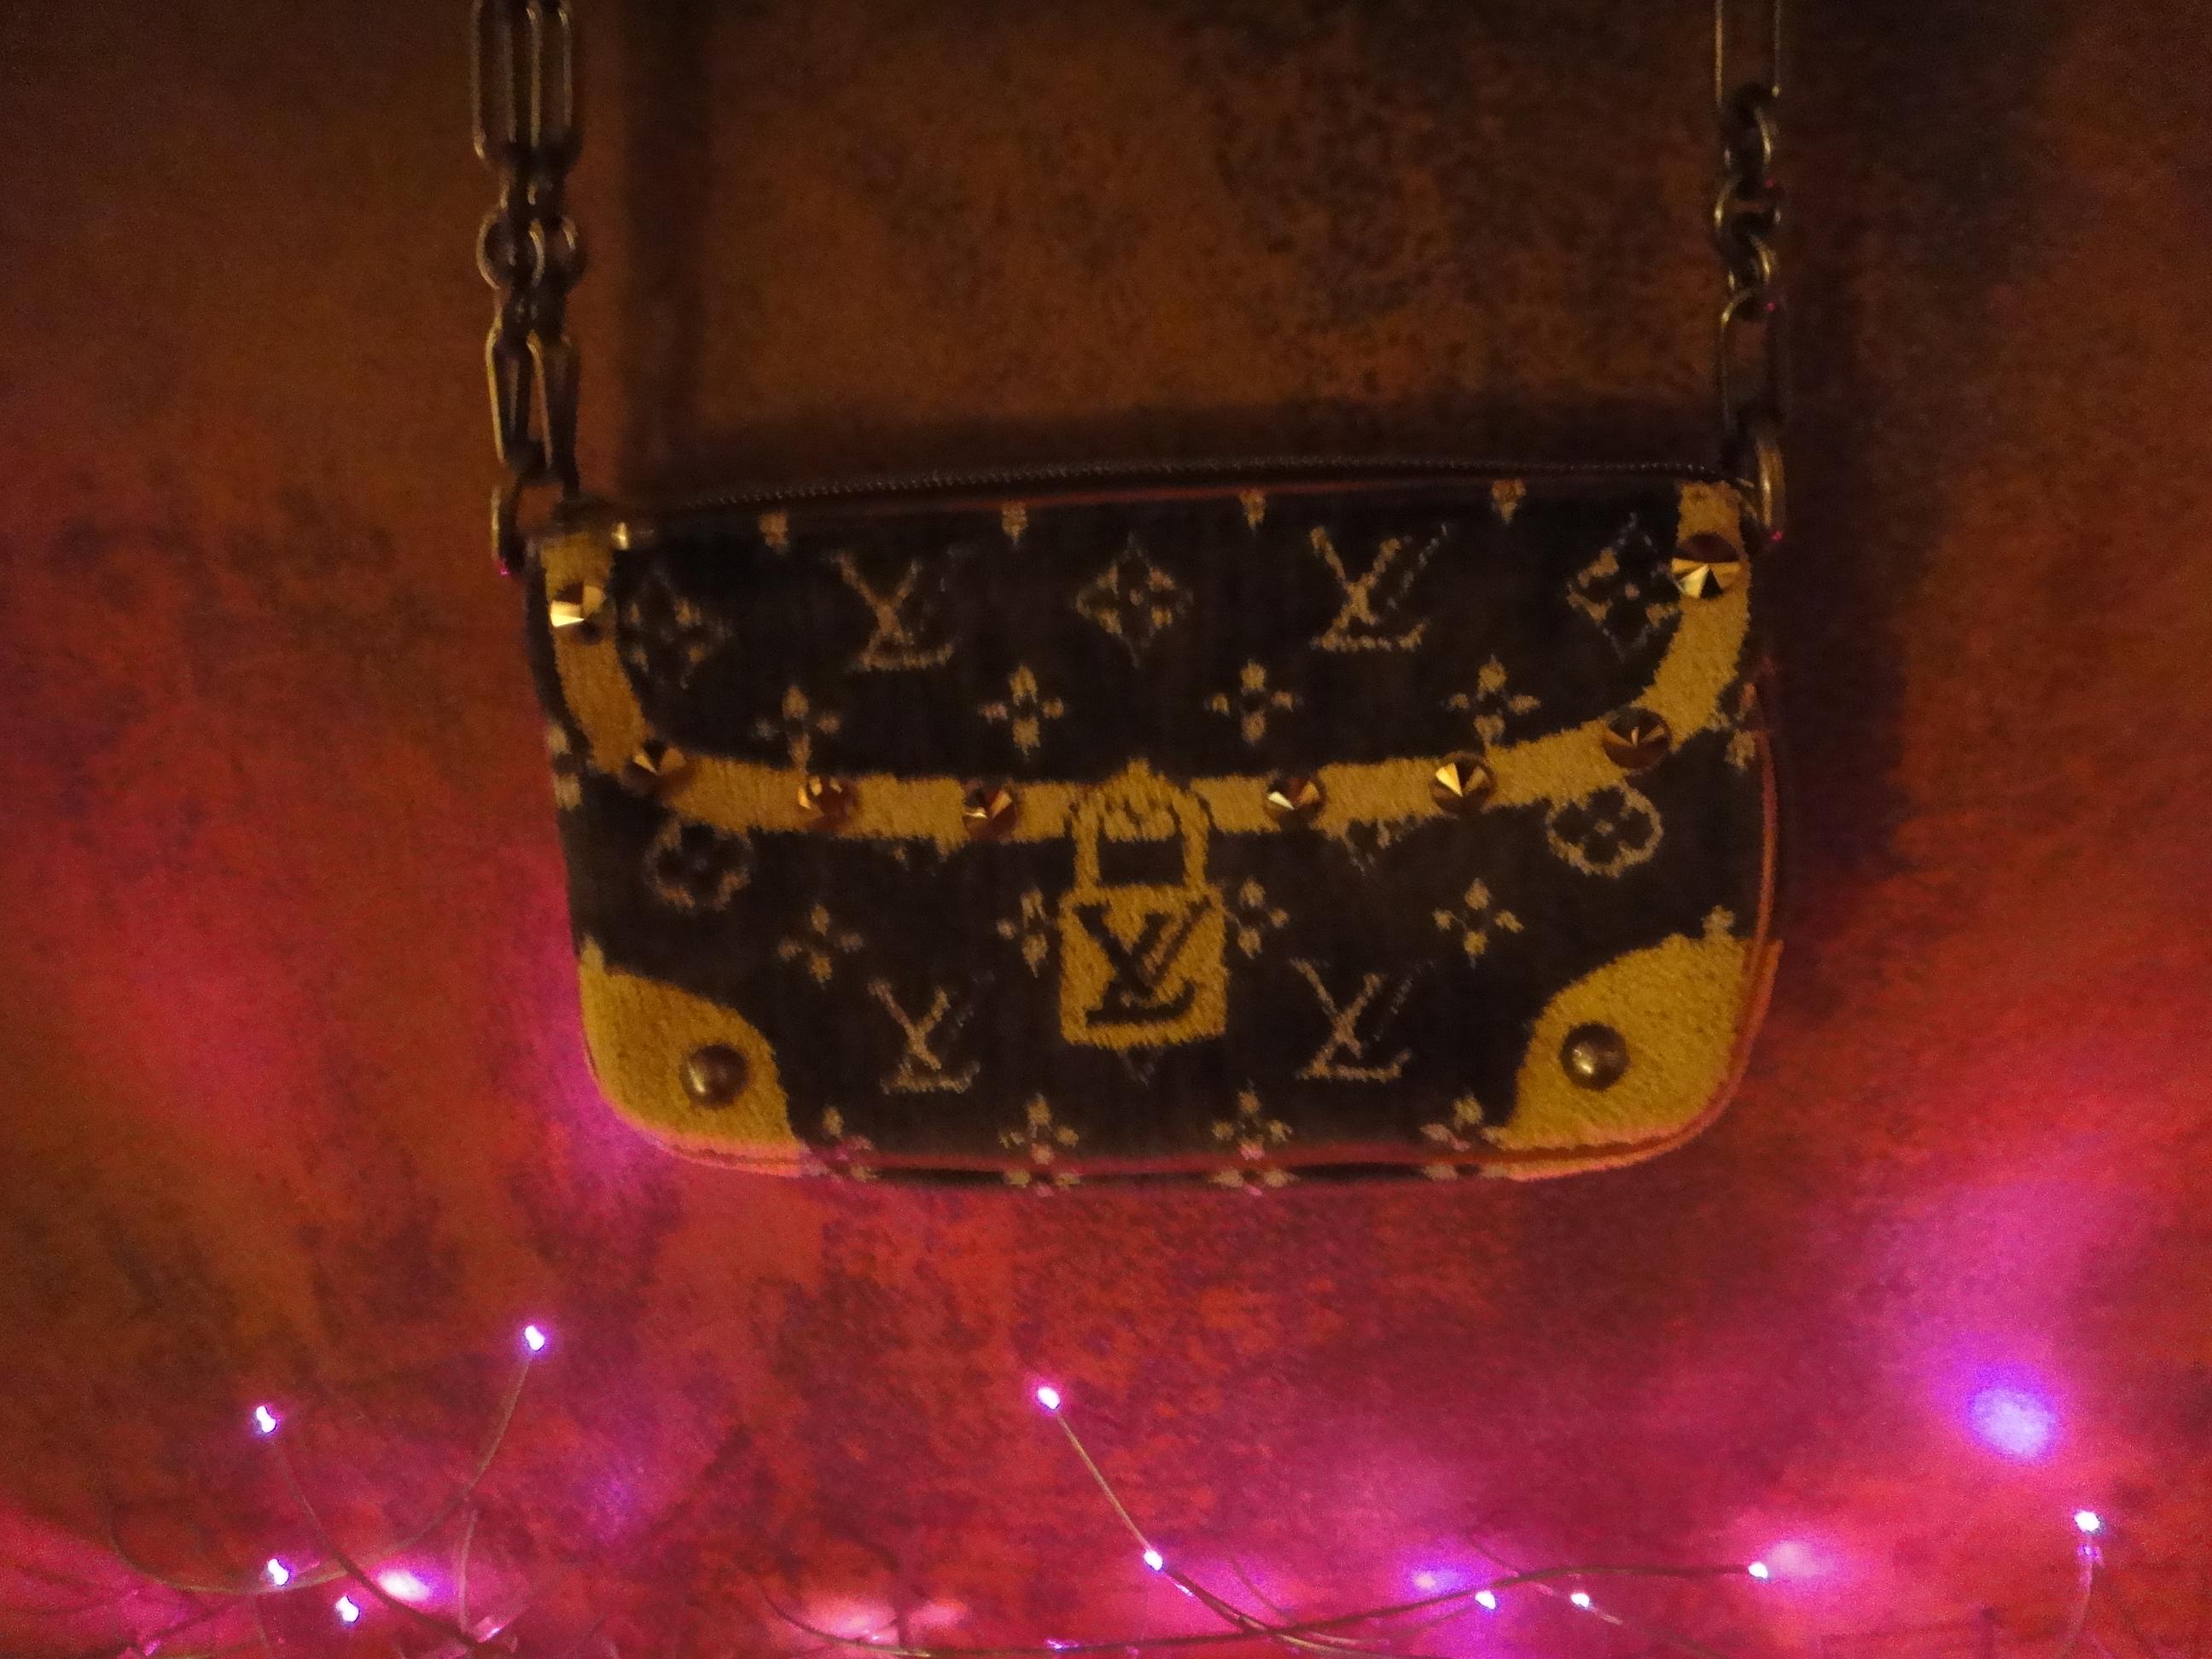 Louis Vuitton Trompe l'Oeil Pochette Accessoires,rust picture by REKLA